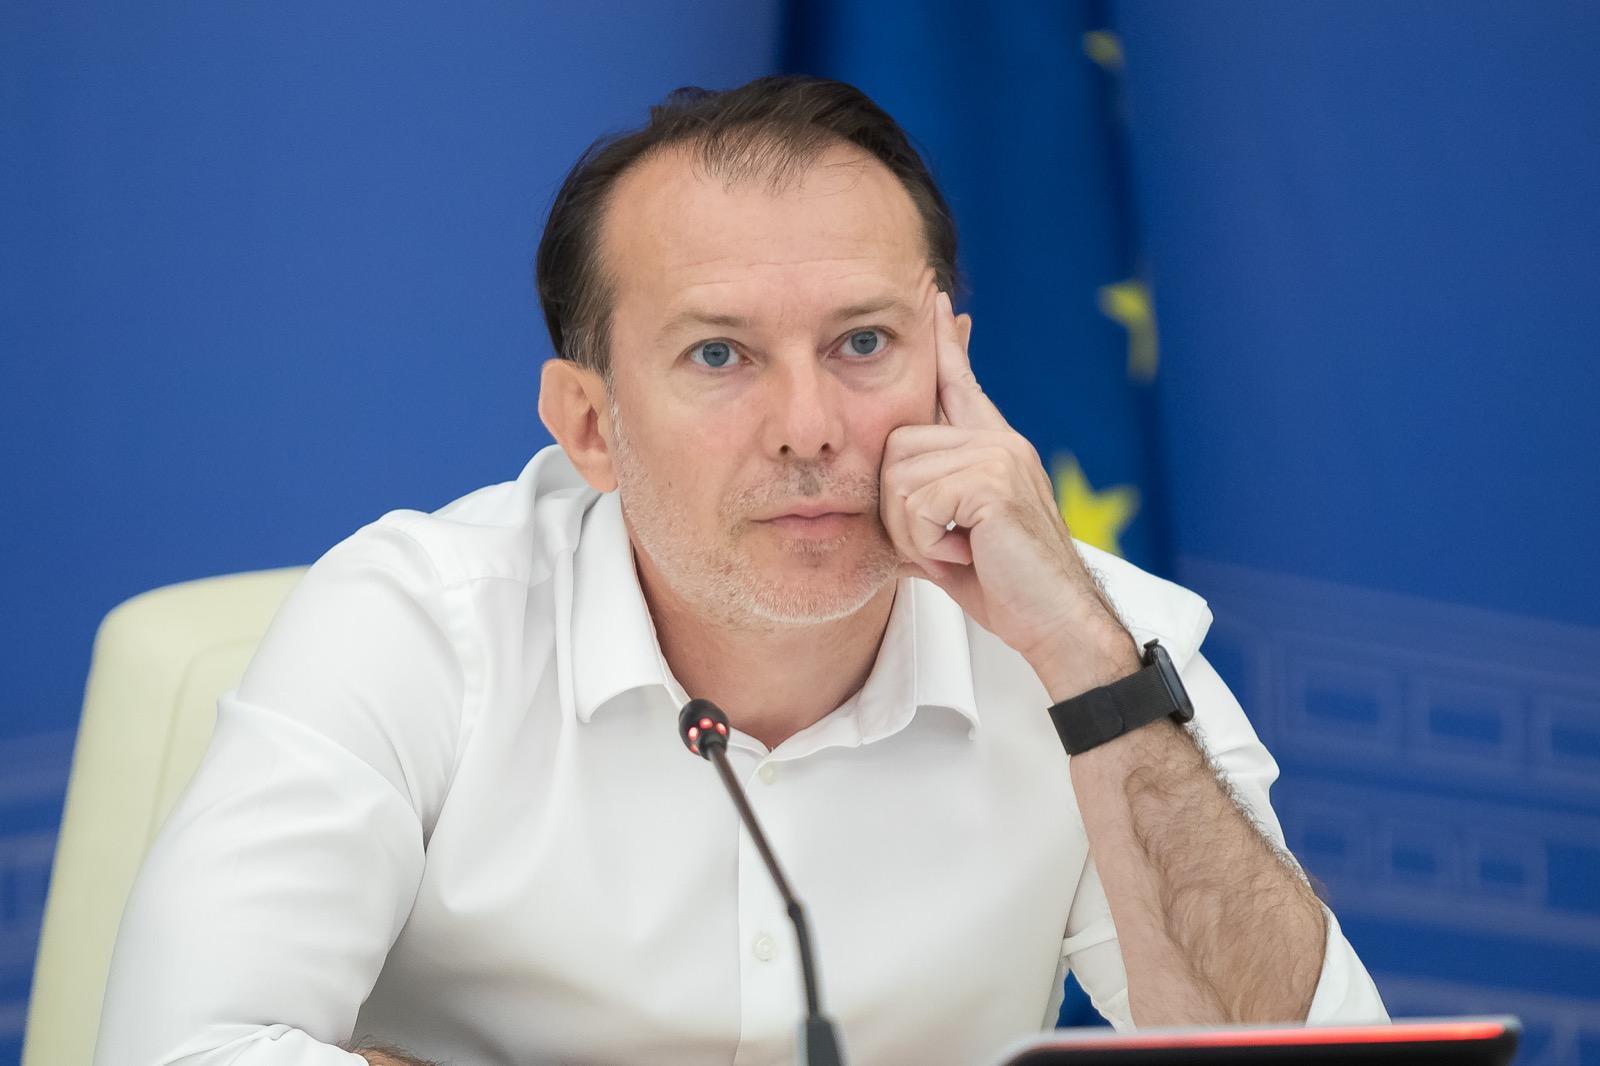 Băiețeala politică, faza pe ghioagă: Klaus Iohannis a semnat demiterea lui Stelian Ion (cel de la Justiție și de la USR PLUS) Plus ceva dur cu Orban și Cîțu